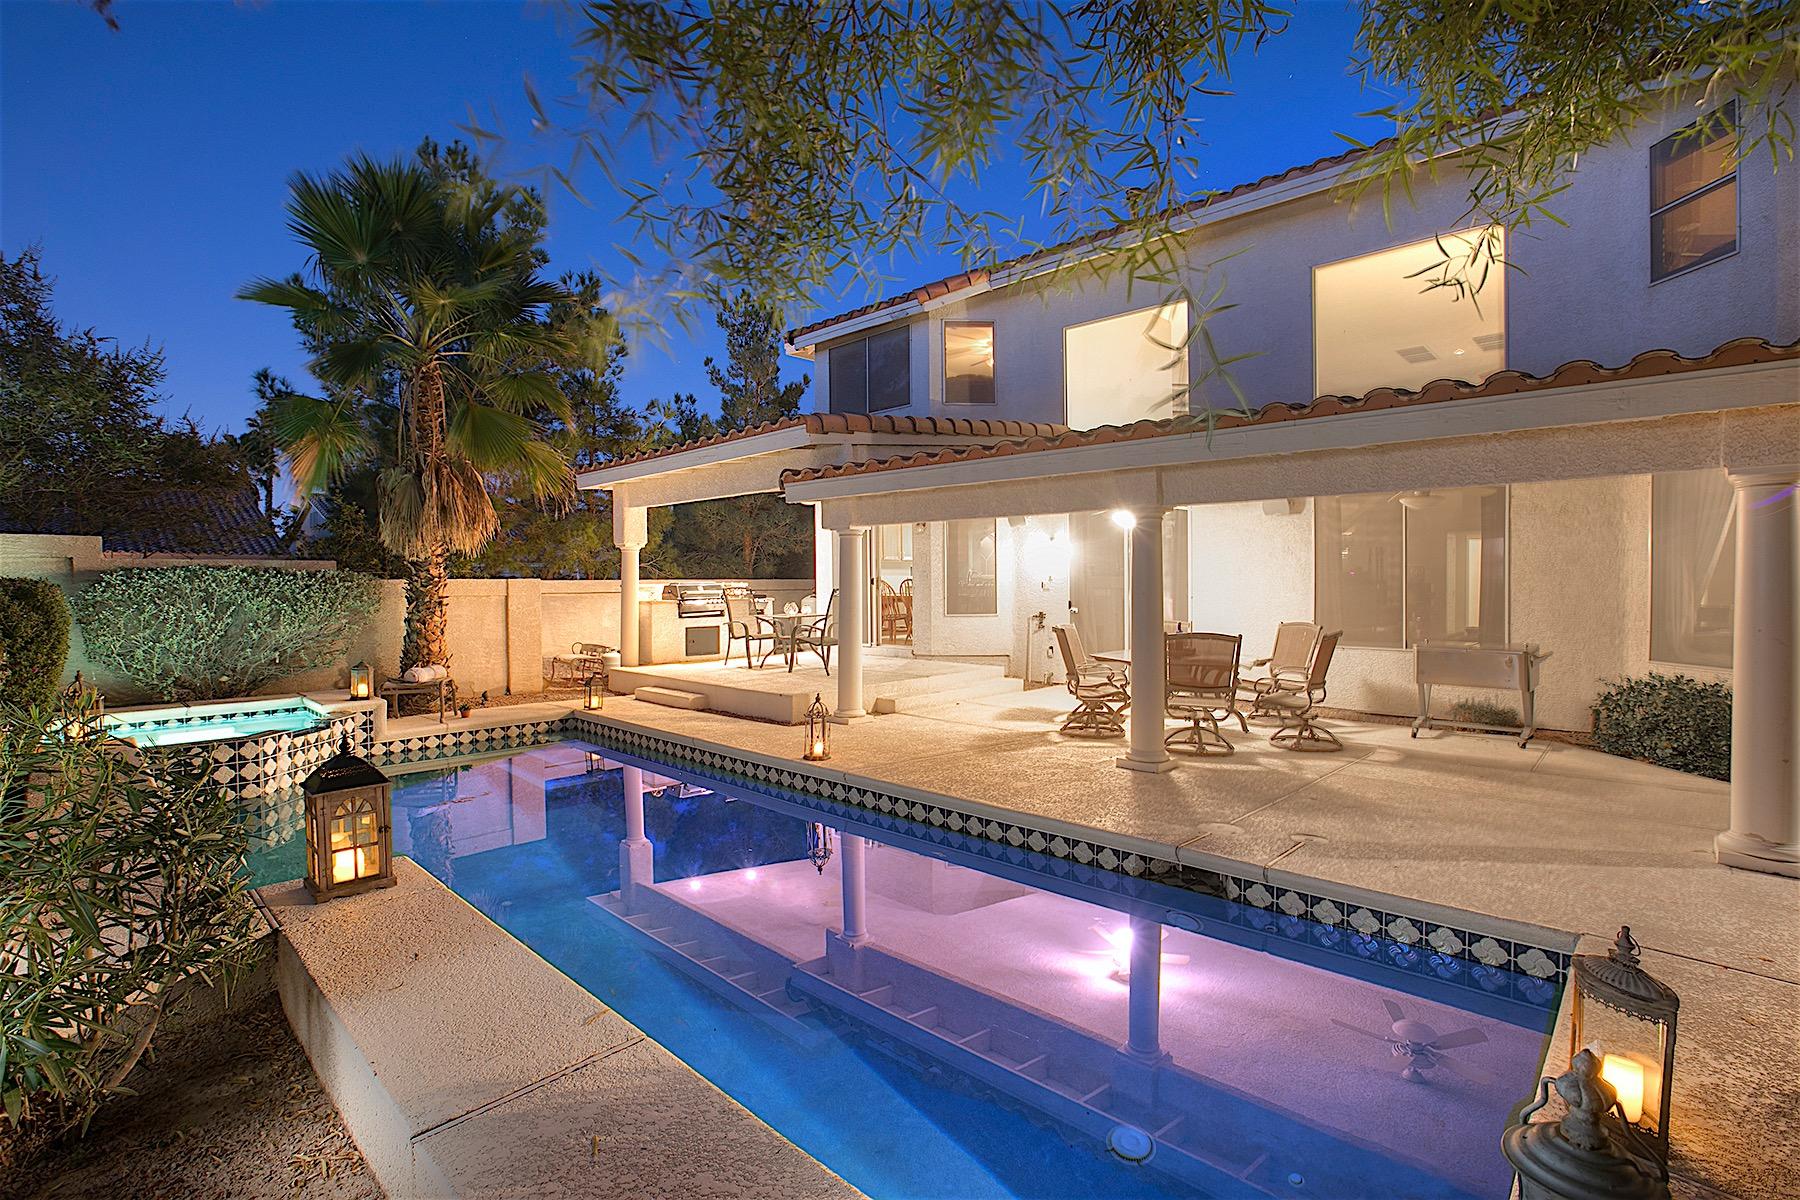 Частный односемейный дом для того Продажа на Crown Jewel in Silverado Ranch 9129 Amber Waves Street Las Vegas, Невада, 89123 Соединенные Штаты